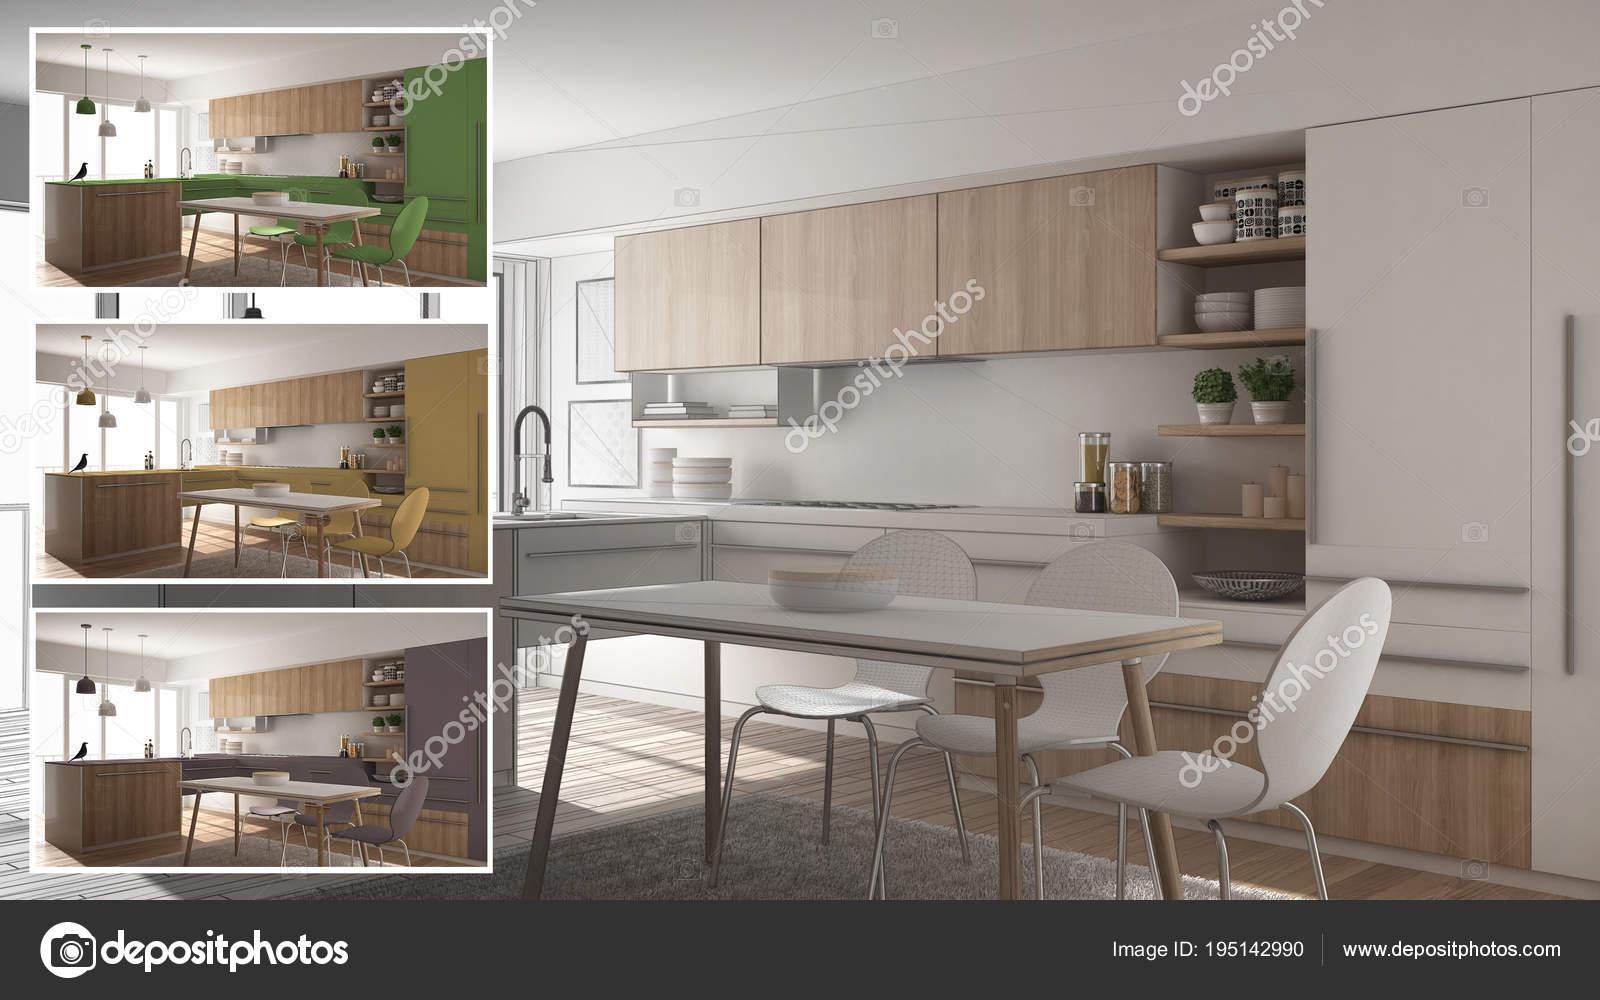 Koncepcja Projektanta Architekta Kuchnia Kolory Wnętrz